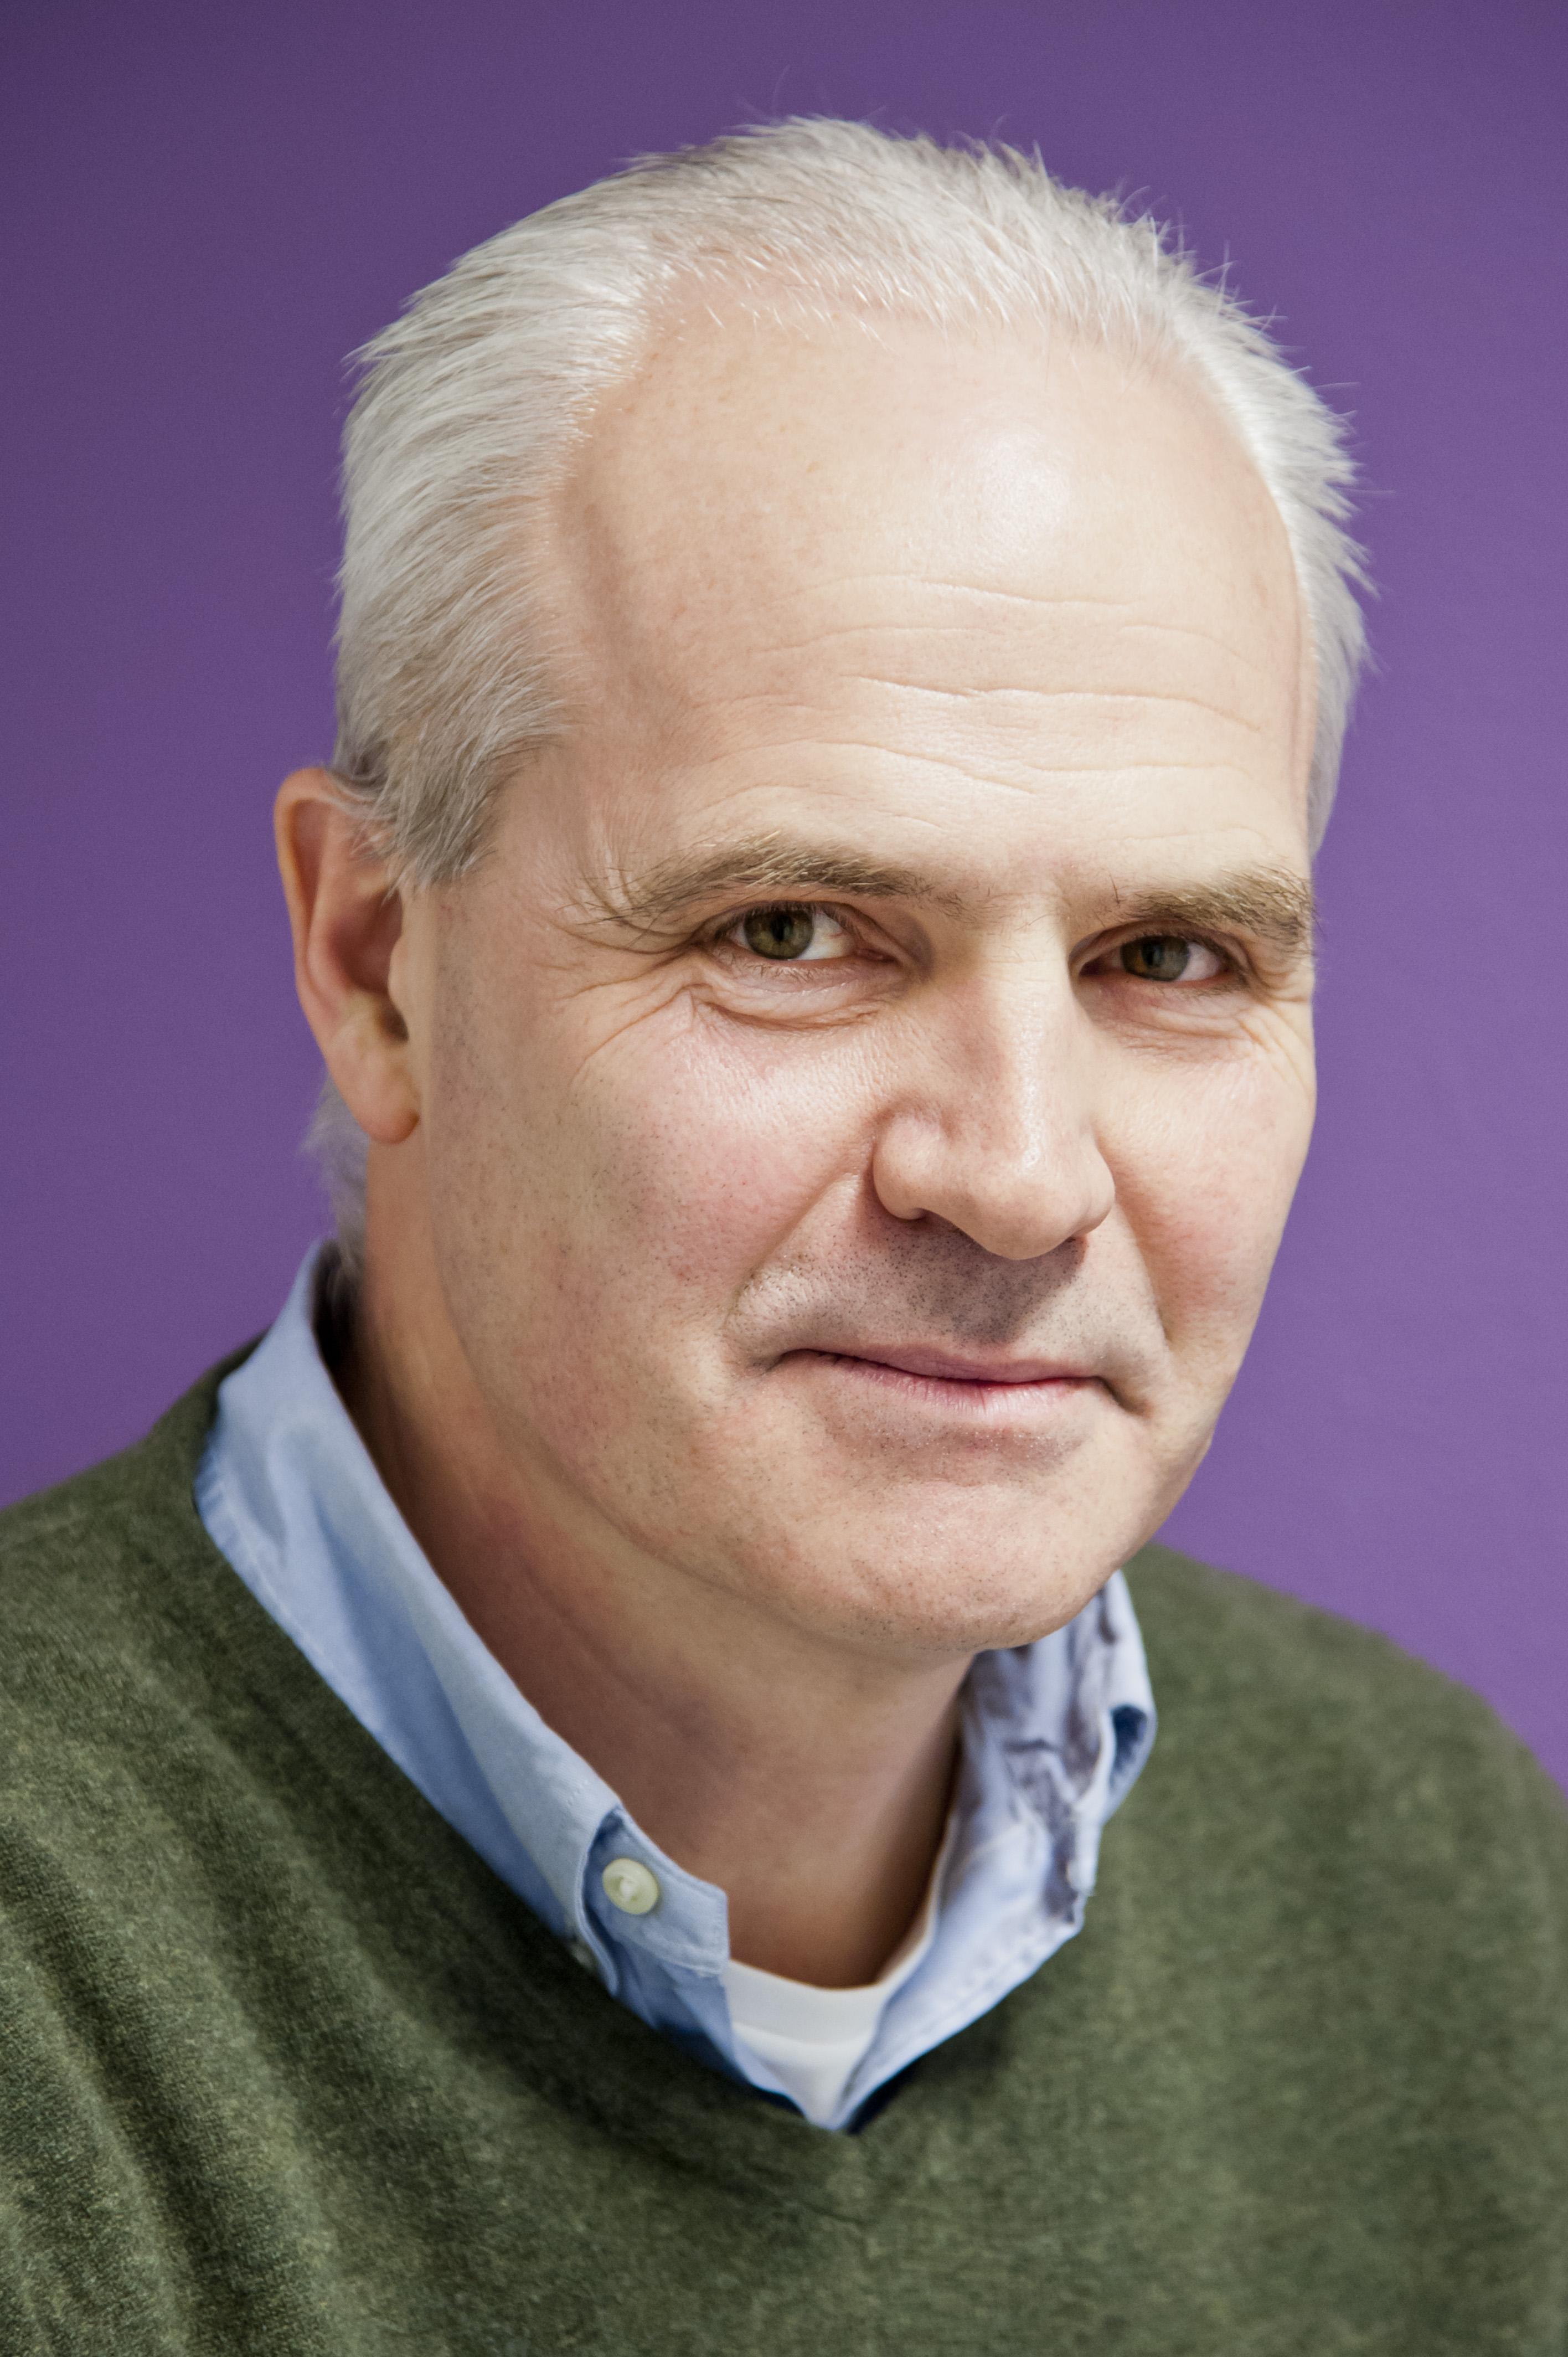 image of John-Anker Zwart